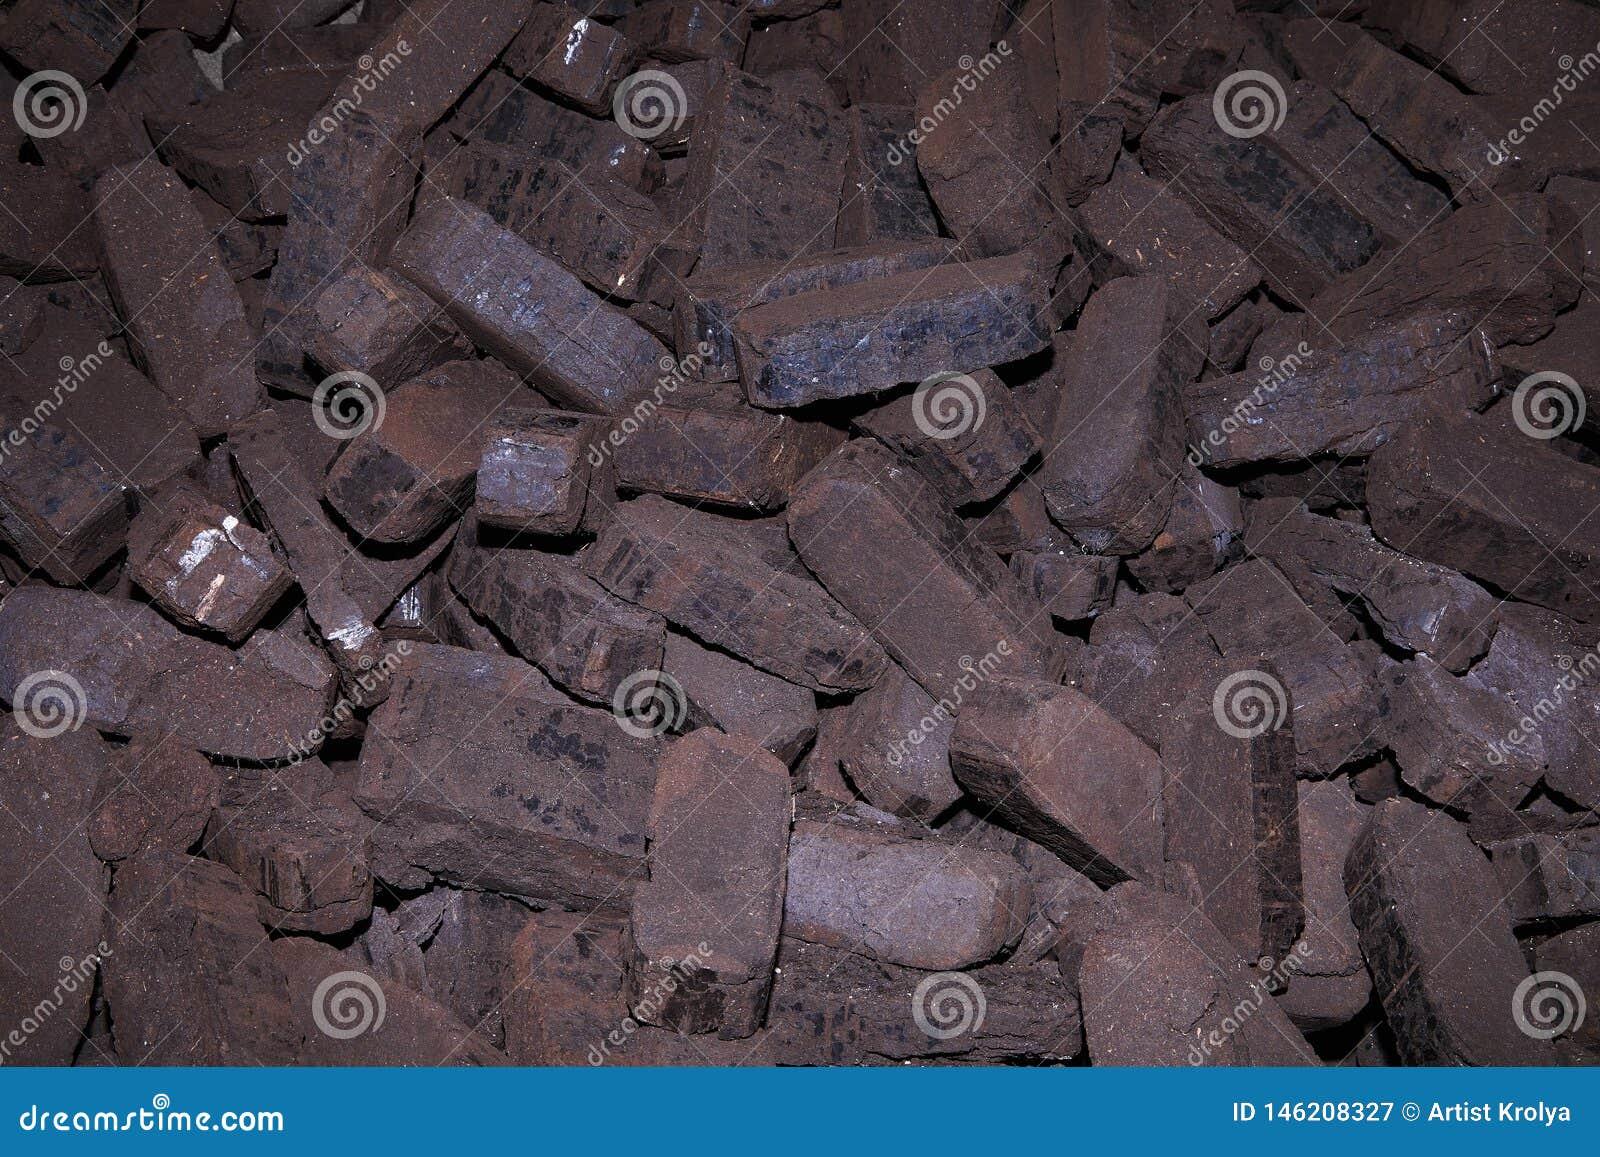 Σωρός των ανθρακόπλινθων τύρφης, εναλλακτικά καύσιμα, πρώτη ύλη